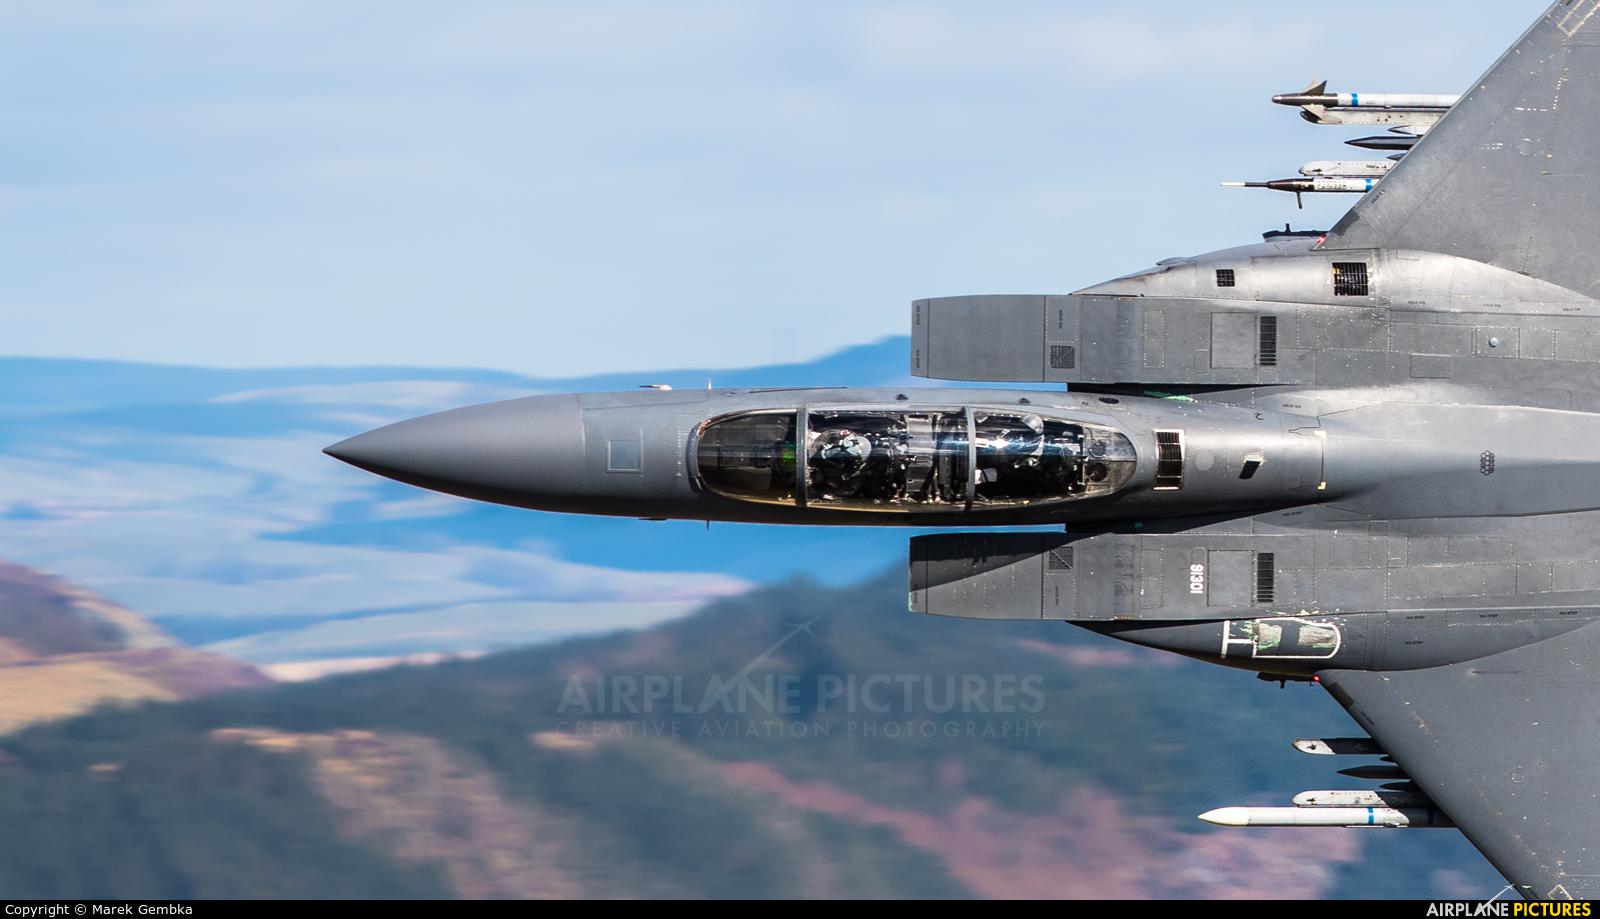 USA - Air Force LN301 aircraft at